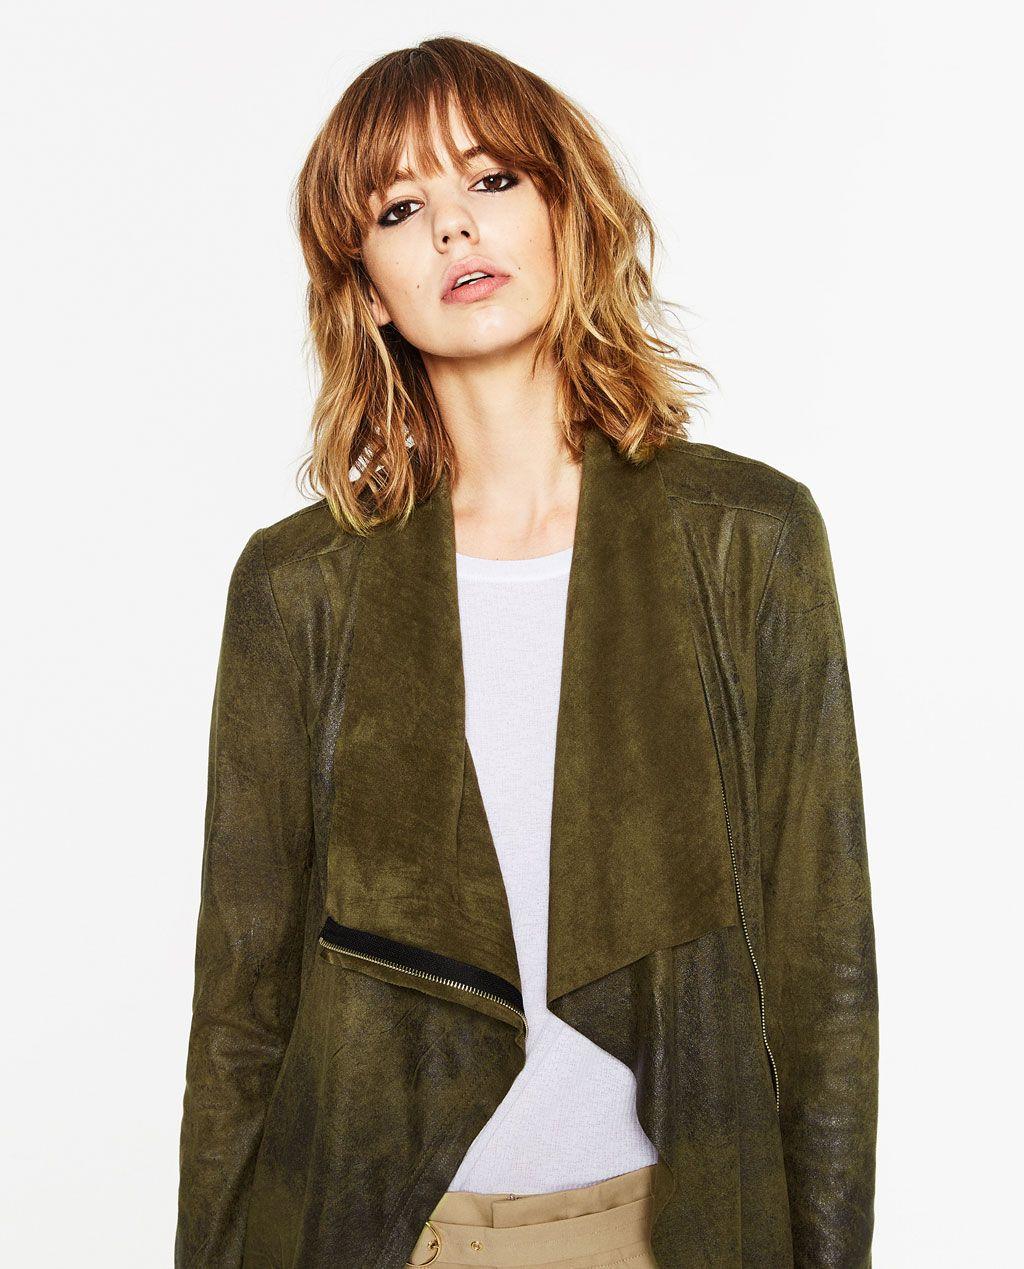 Style Effect JacketMy Suede Pinterest Zara Woman nvN80mw